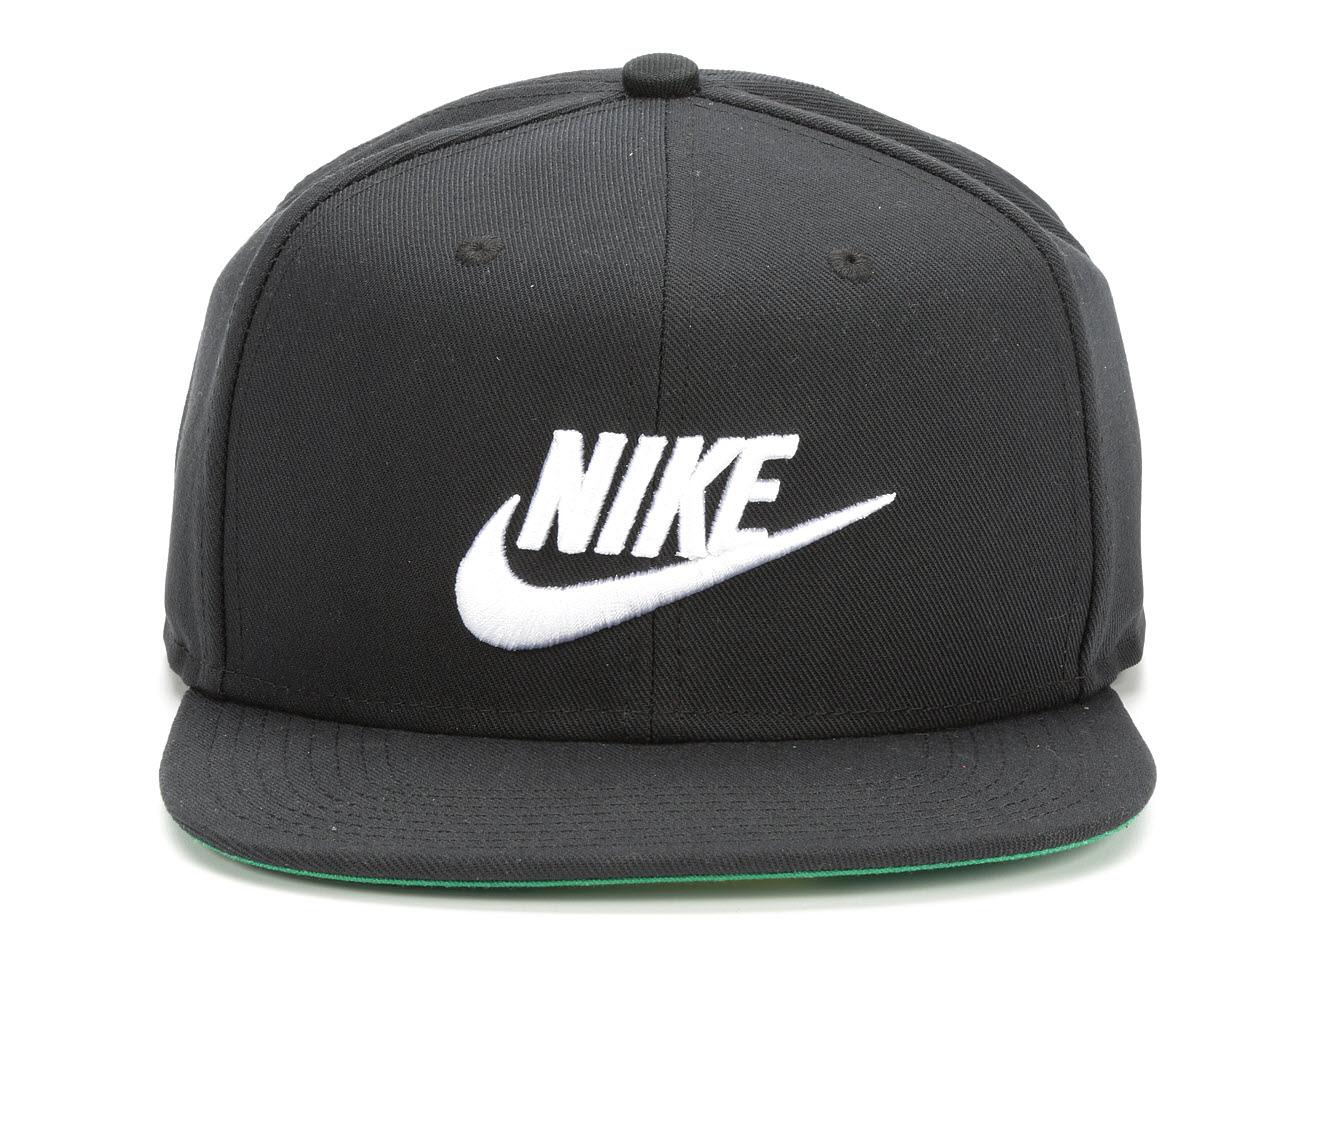 Nike Futura Pro Flatbill Hat (Black - Size UNSZ) 1721614